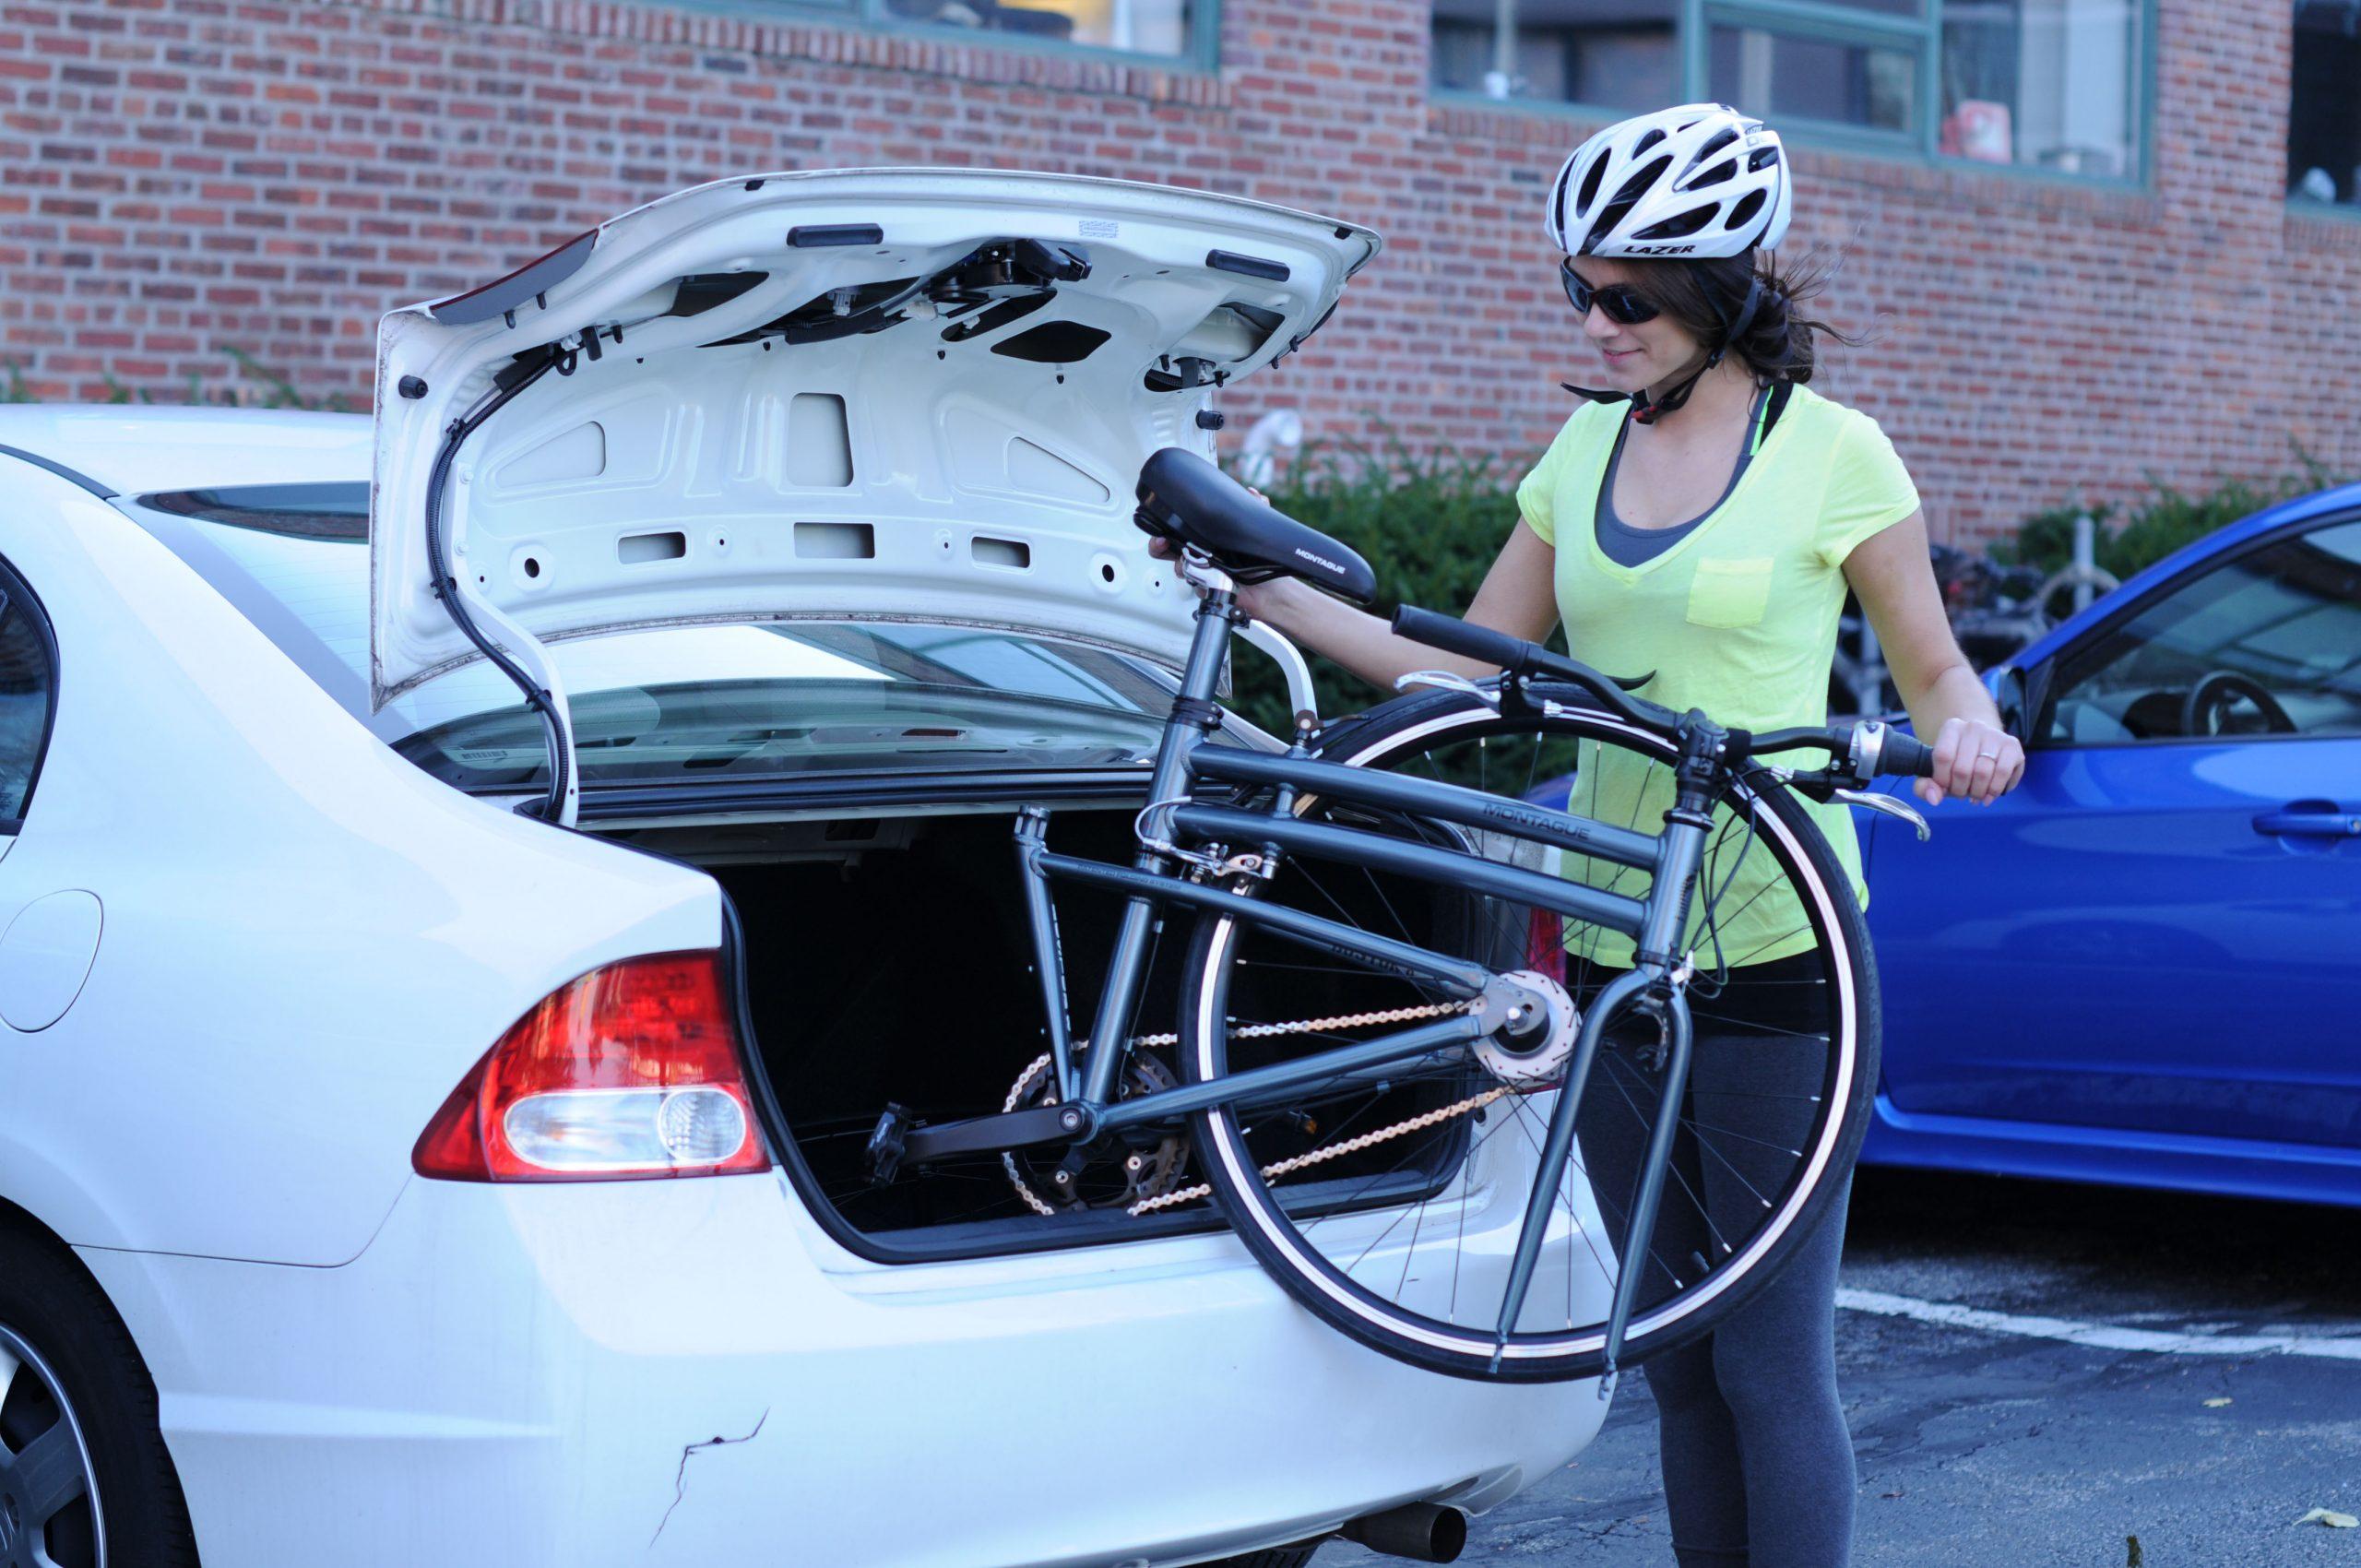 Способы перевозки велосипеда на машине при отсутствии и наличии багажника